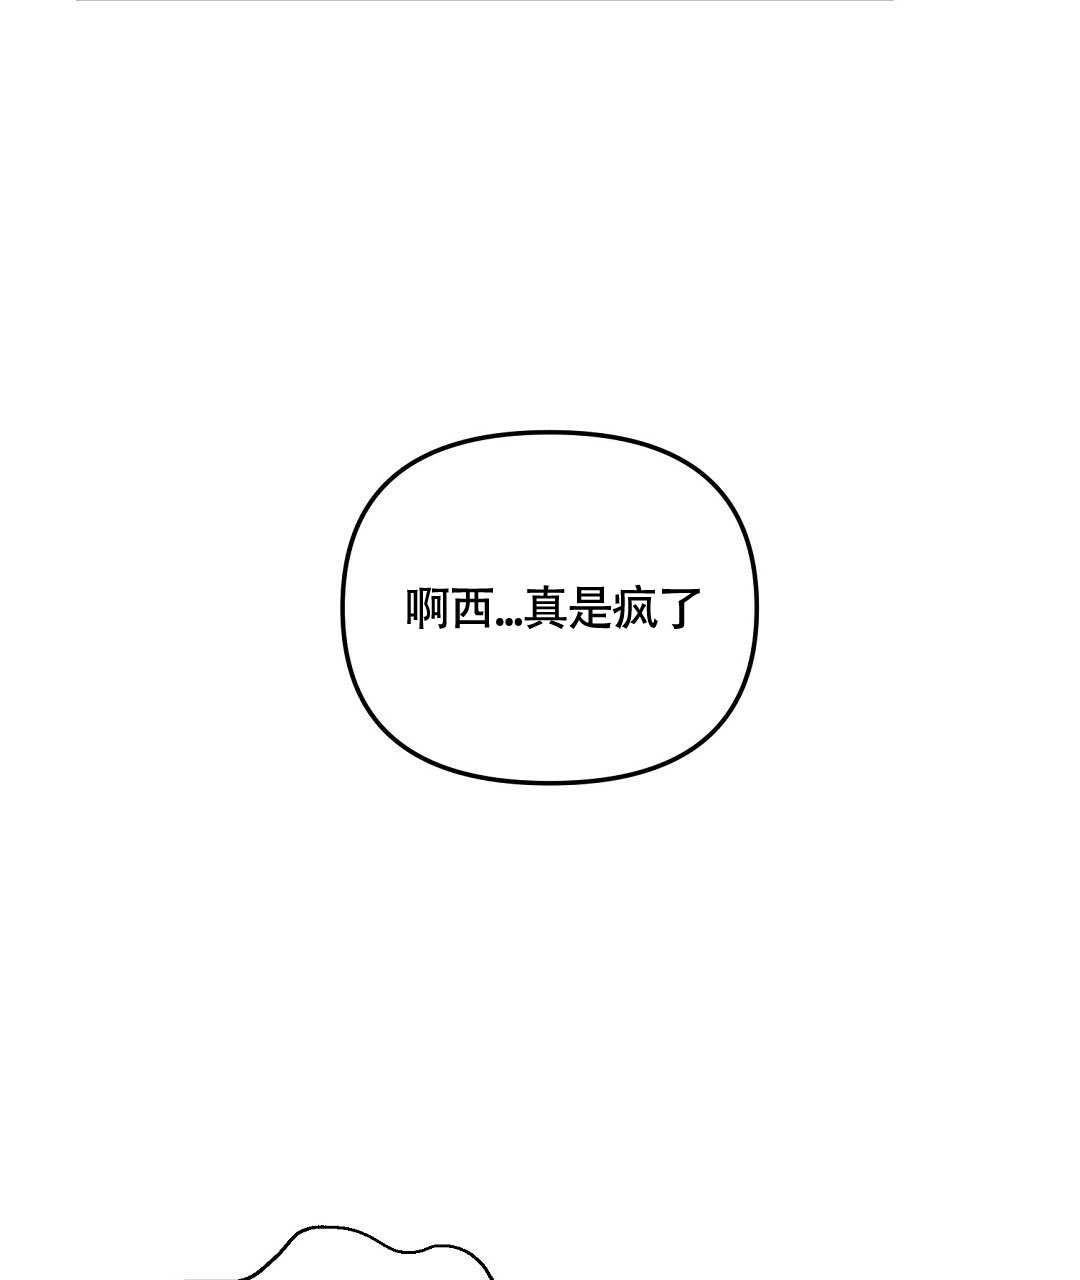 韩漫《再见》不能再做了,受不住了!